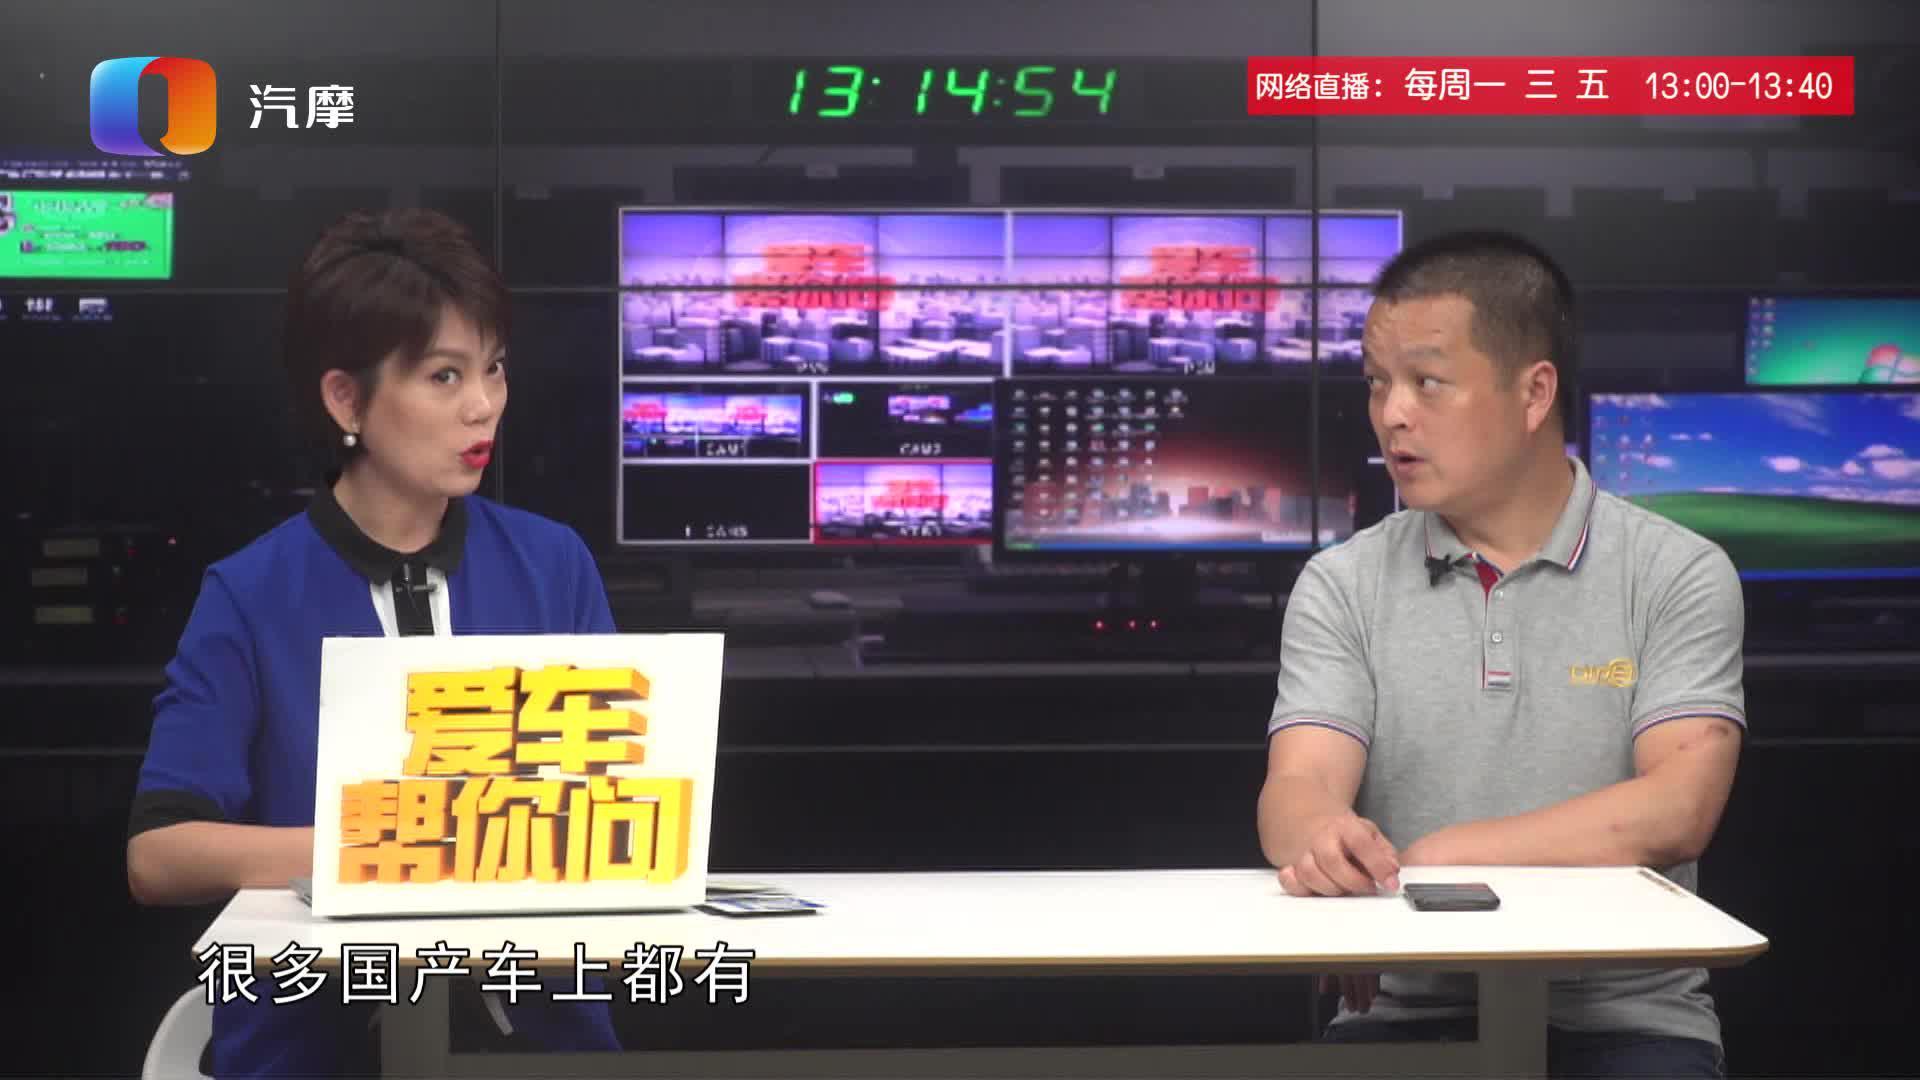 视频:瑞虎7定速巡航中转速为什么突然升高?